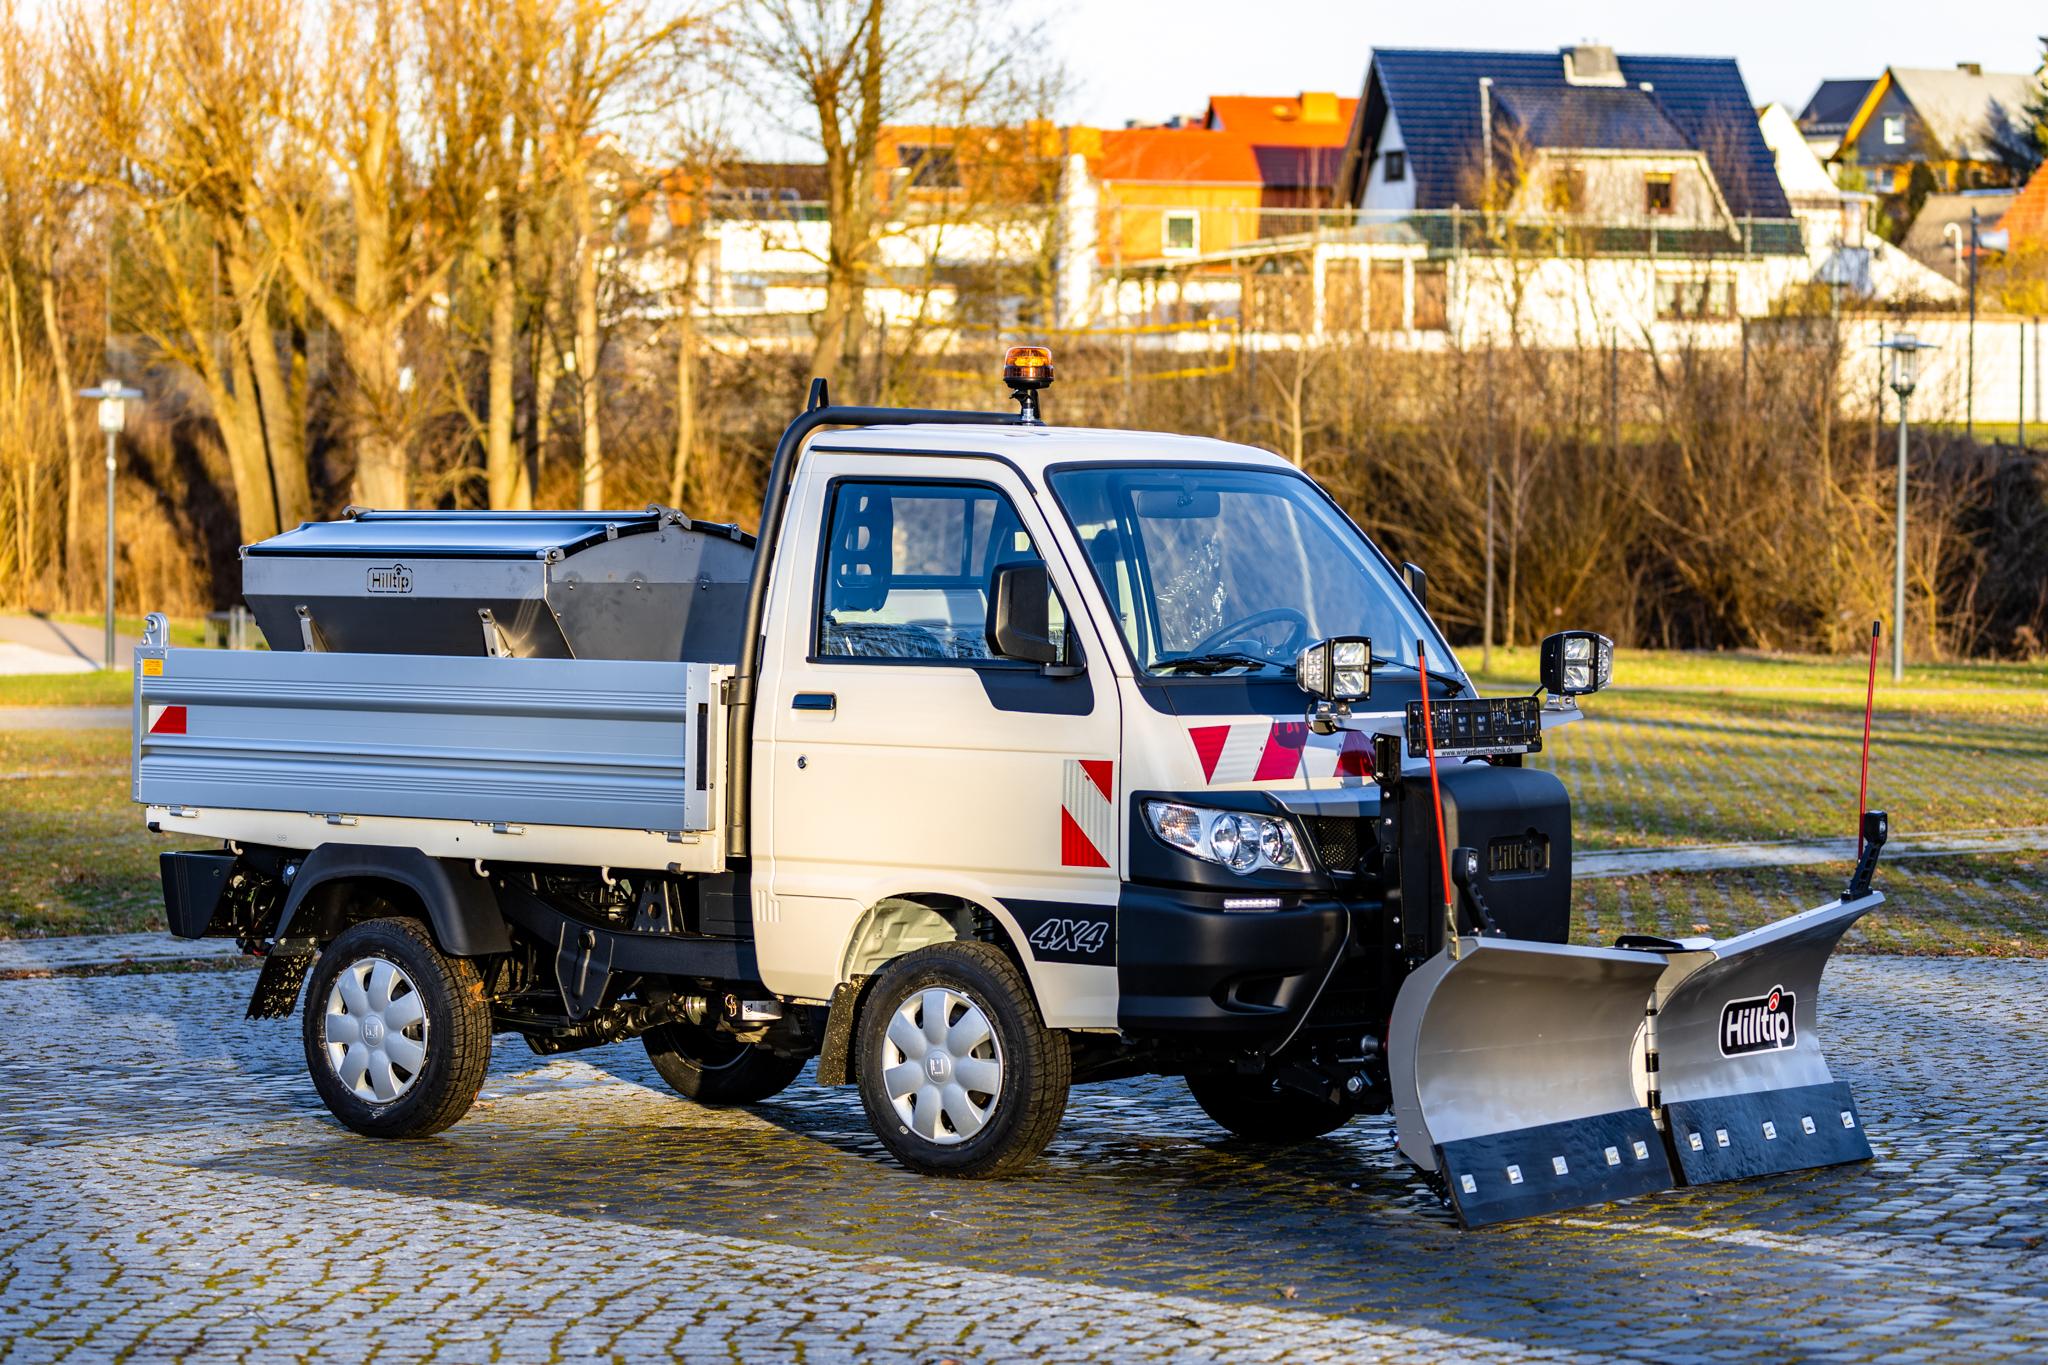 Hilltip Reparatur, Service & Ersatzteile für Hilltip Streuer und Schiebeschilder |  HWNtec